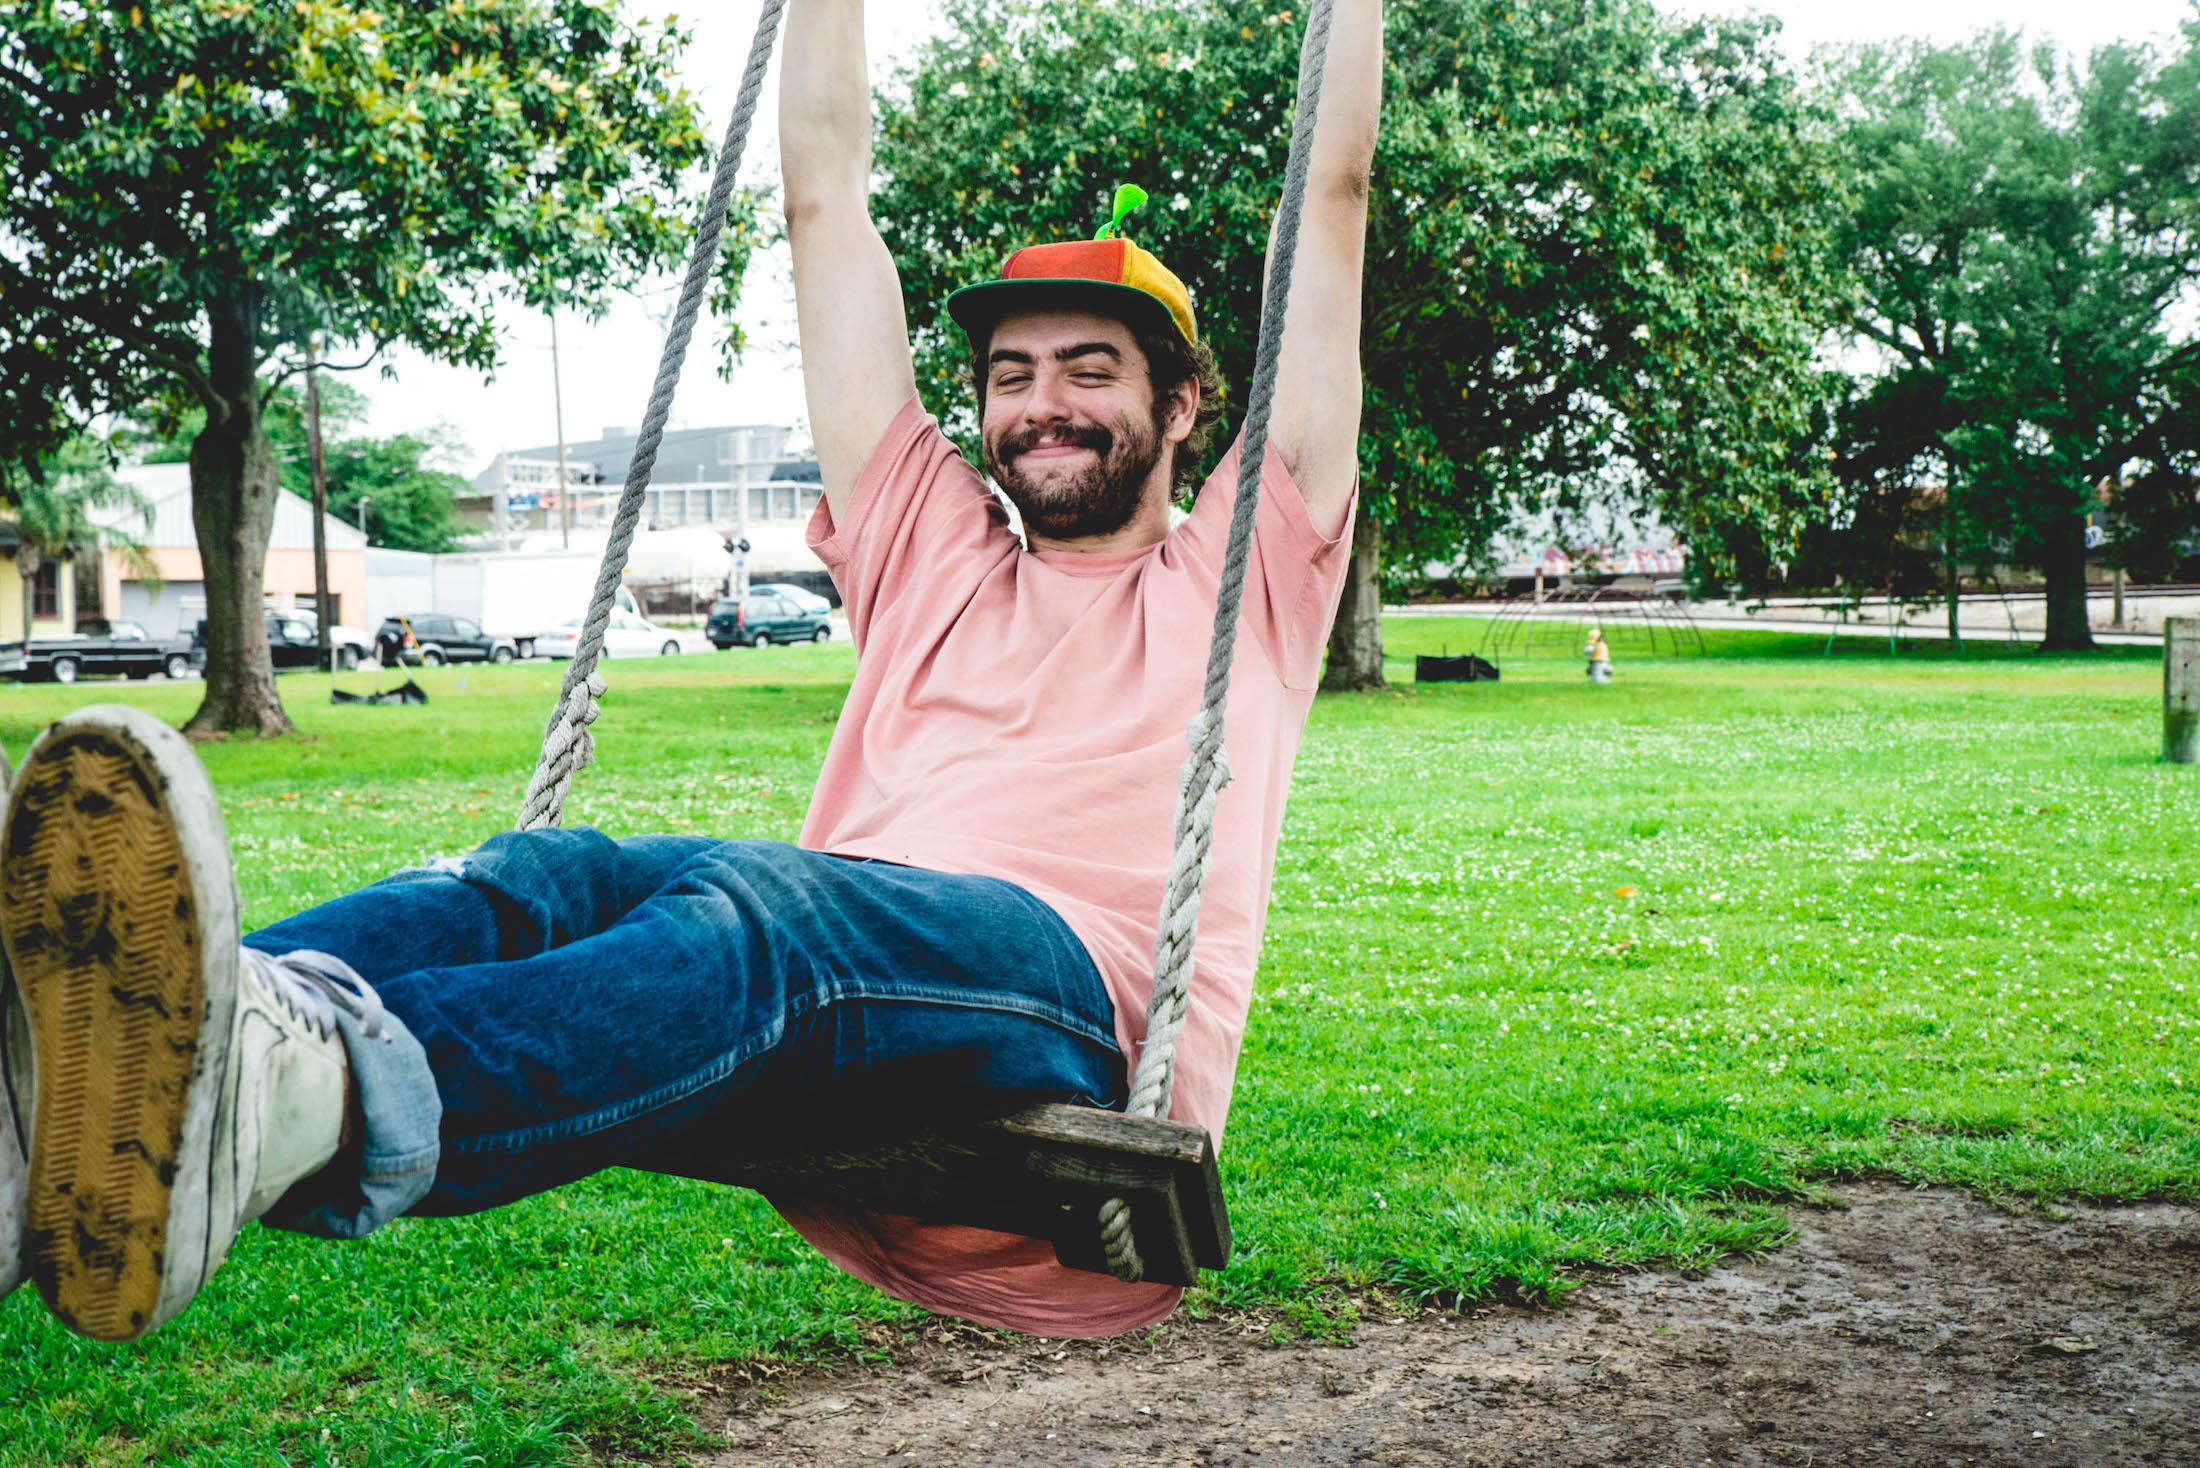 Alex Brettin's got that swing.